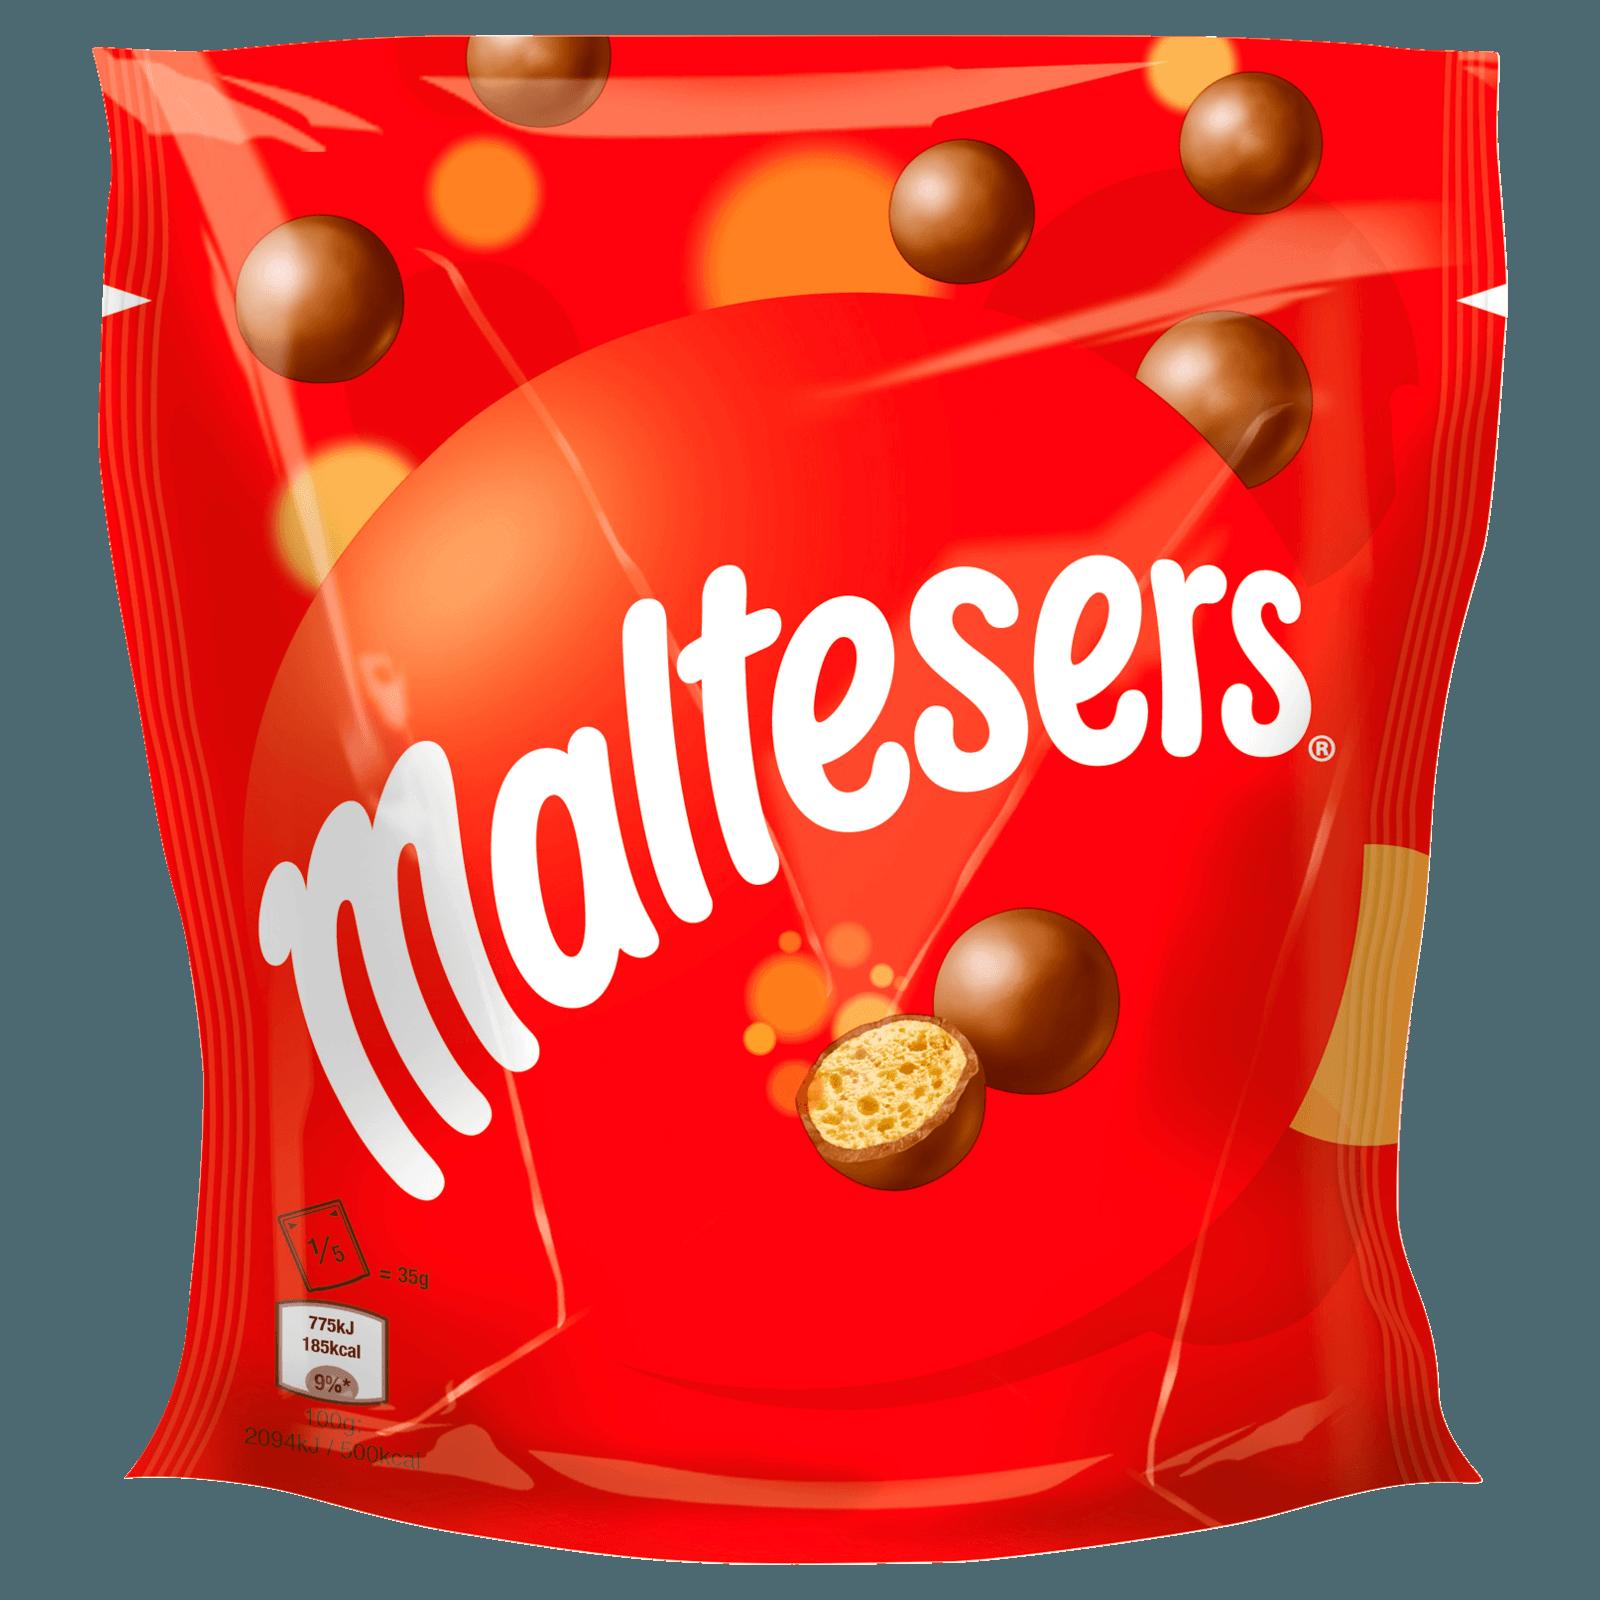 Maltesers 175g bei REWE online bestellen! REWE.de